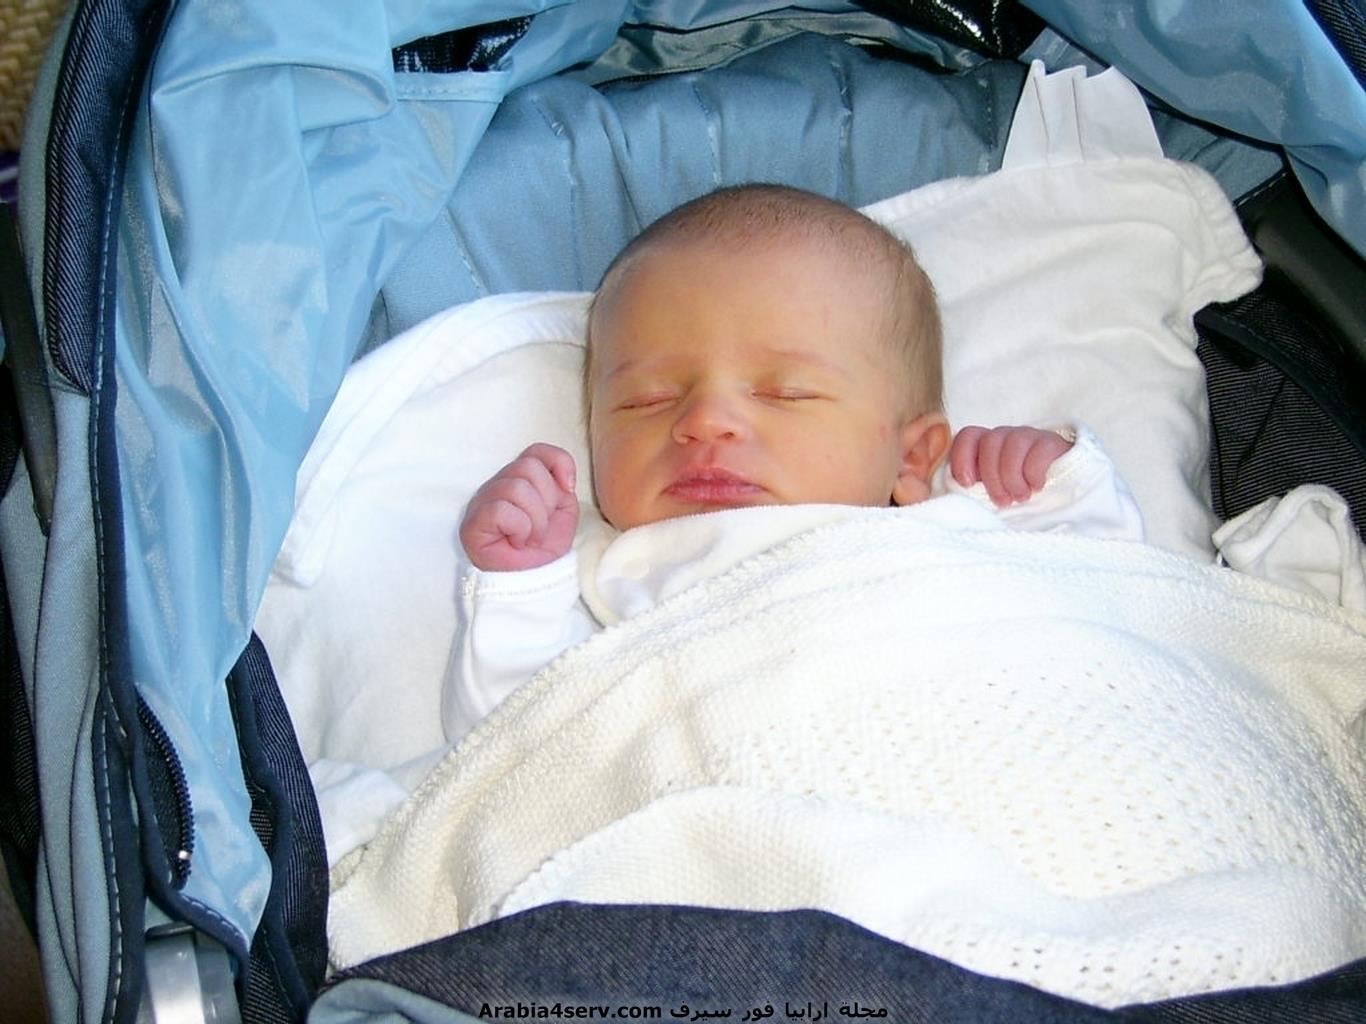 خلفيات-و-صور-اطفال-حديثي-الولادة-10